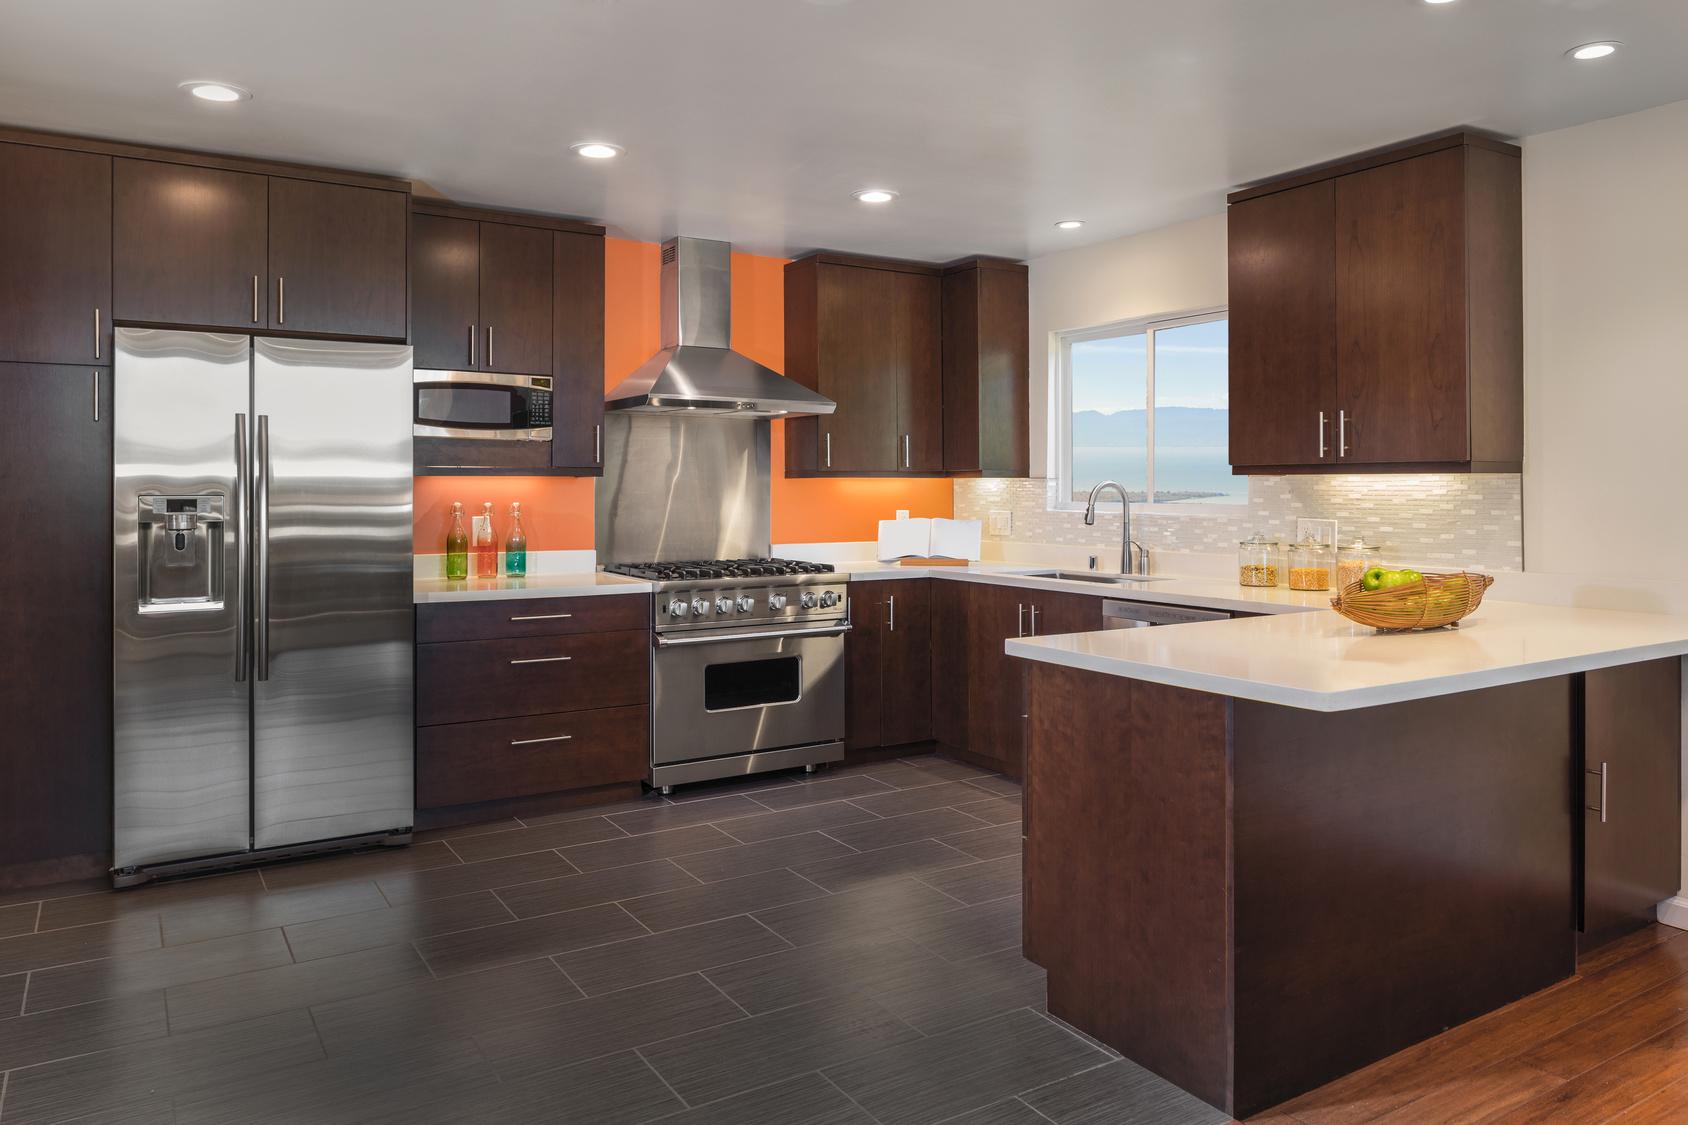 Modern kitchen gaja massmobel und kuchen for M bel inhofer küchen